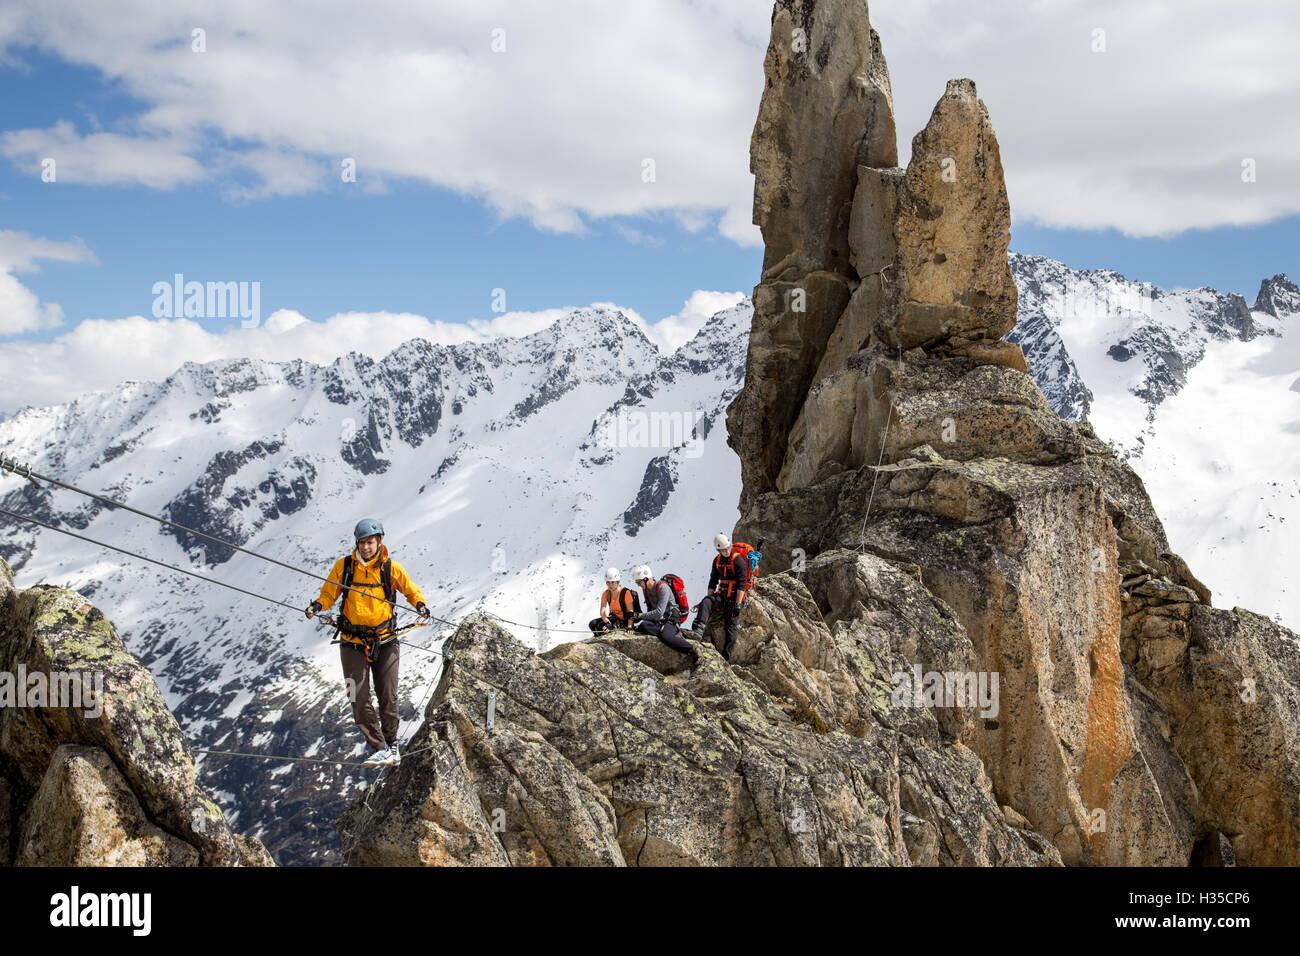 Klettersteig Schweiz : Gruppe von bergsteigern am klettersteig in der schweiz stockfoto